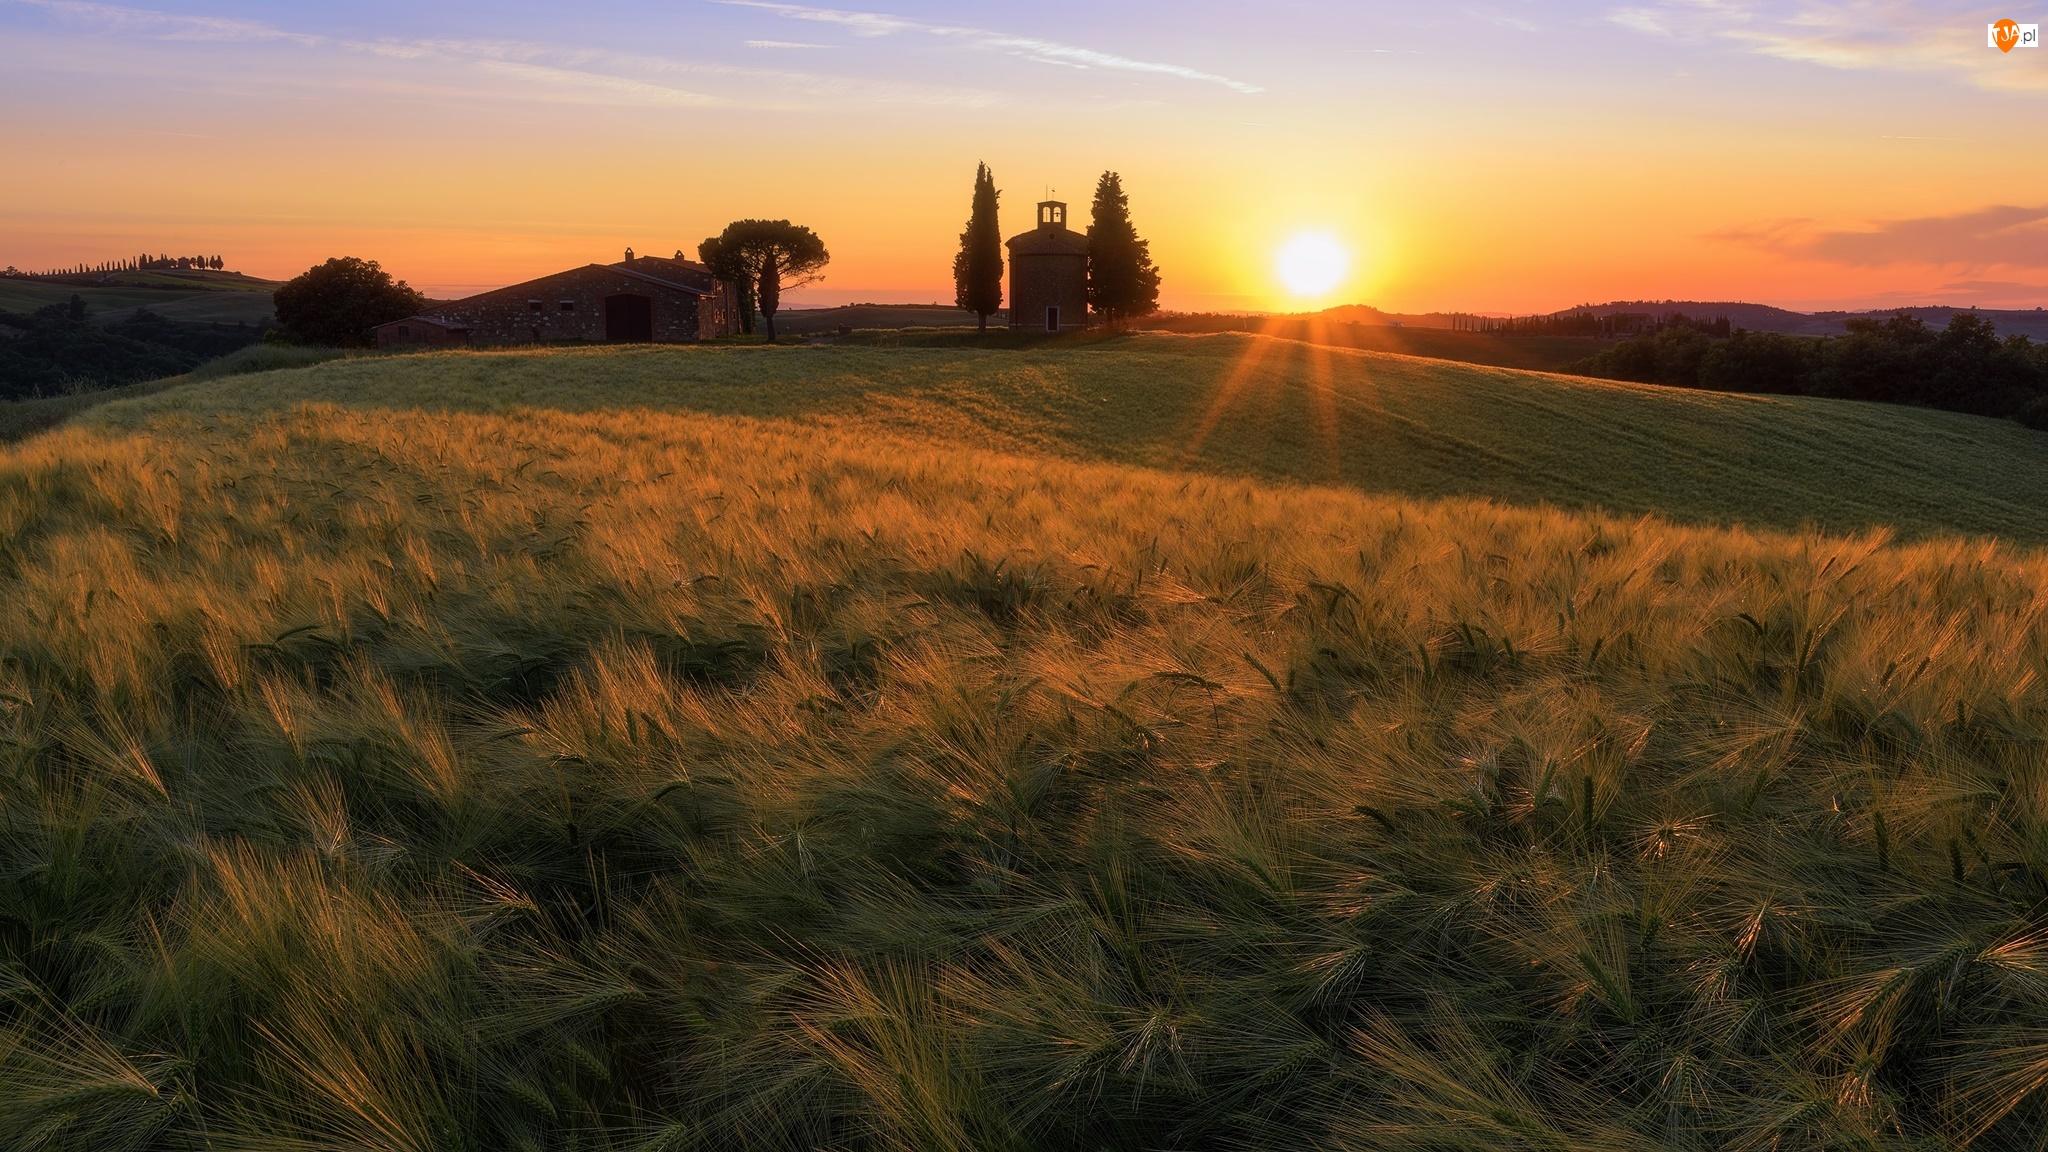 Zachód słońca, Pole, Wieża, Toskania, Zboże, Dzwonnica, Włochy, Dom